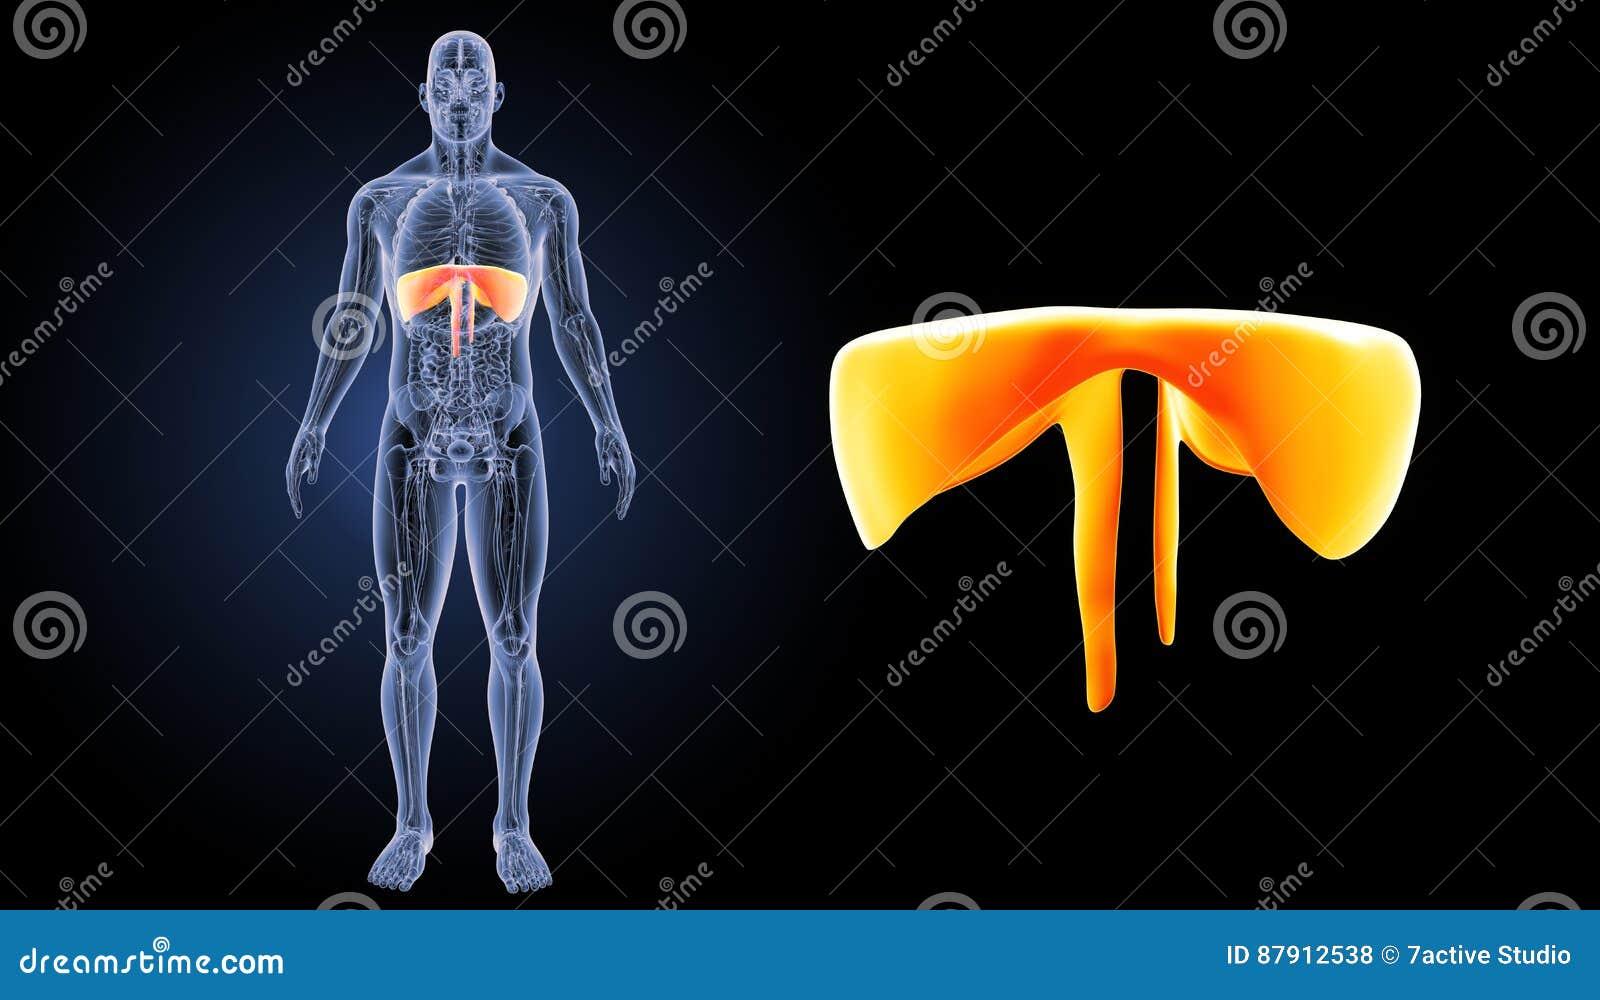 Asombroso Anatomía Del Zumbido Composición - Imágenes de Anatomía ...